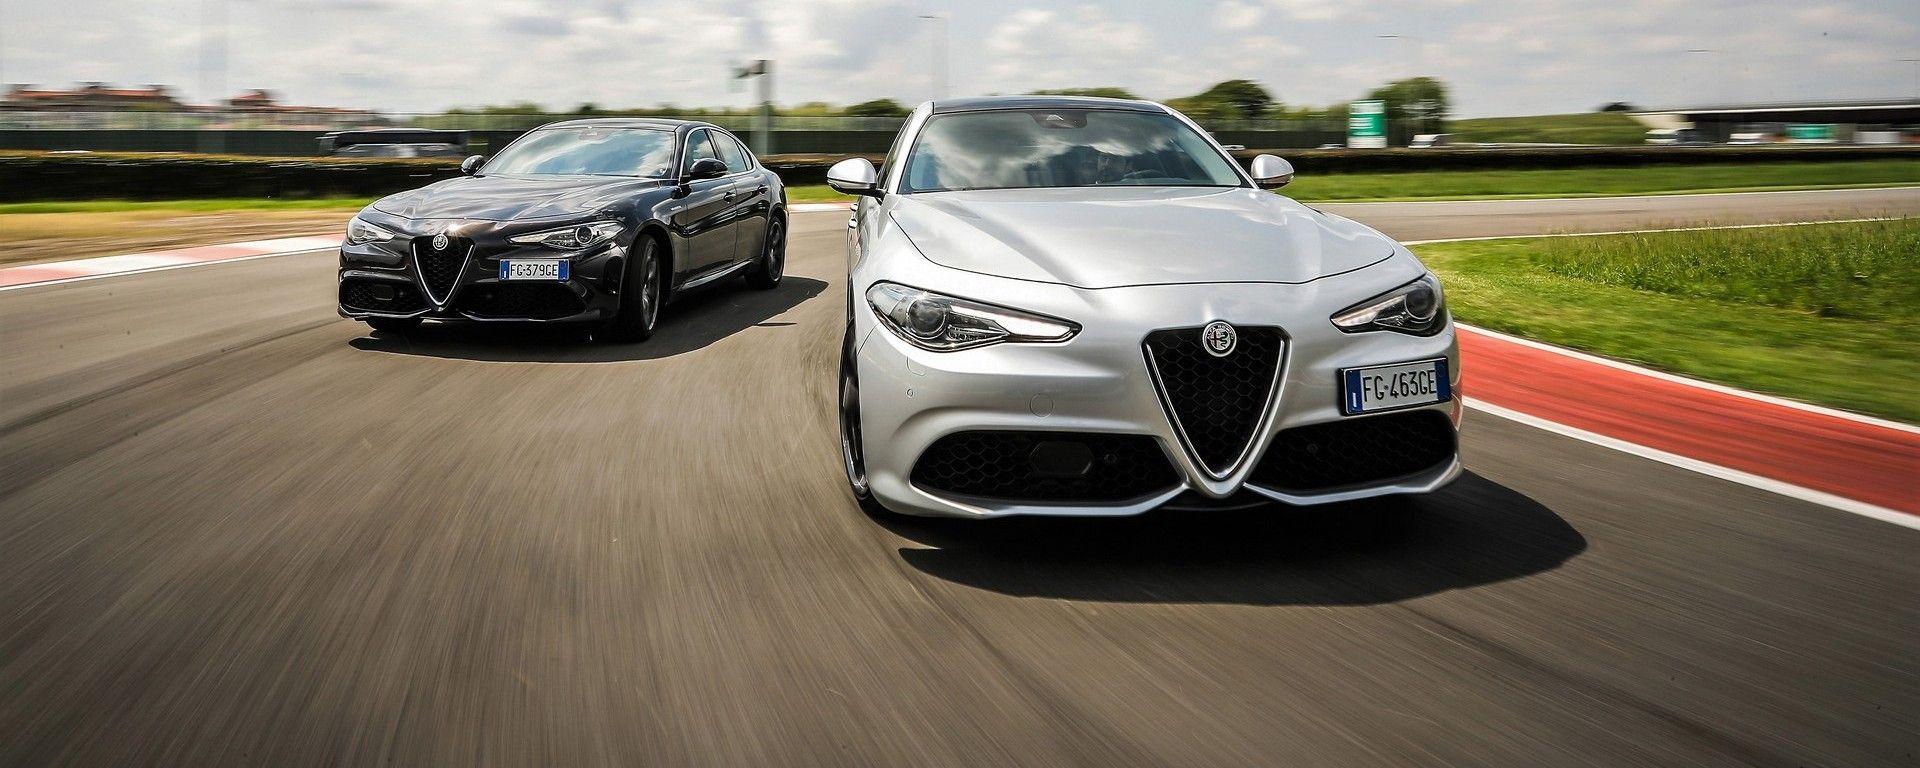 Alfa Giulia Veloce: meglio Diesel o a benzina? [VIDEO]